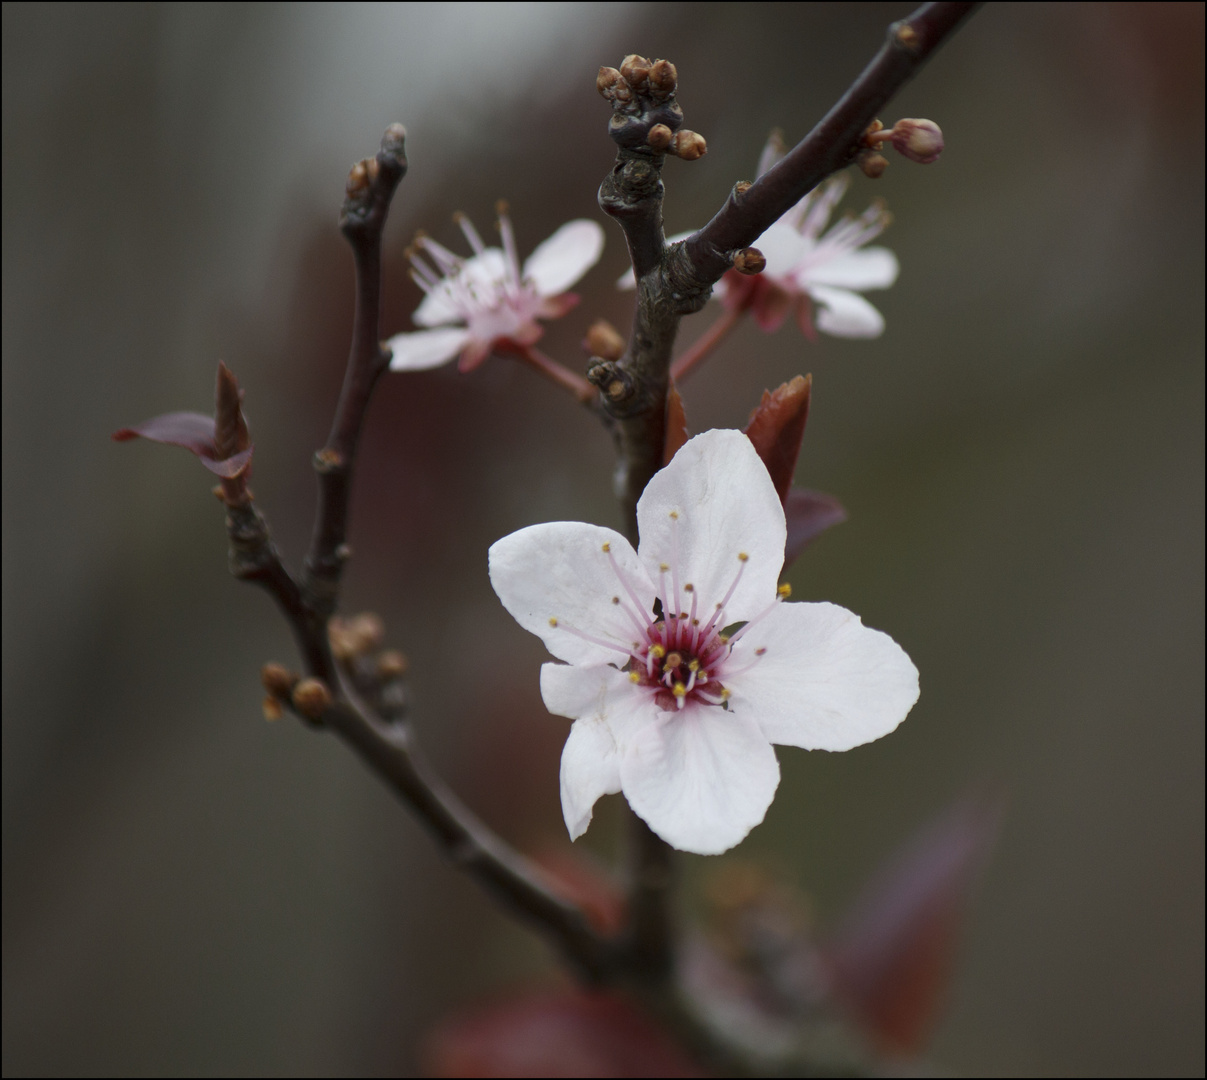 Wildkirchblüte